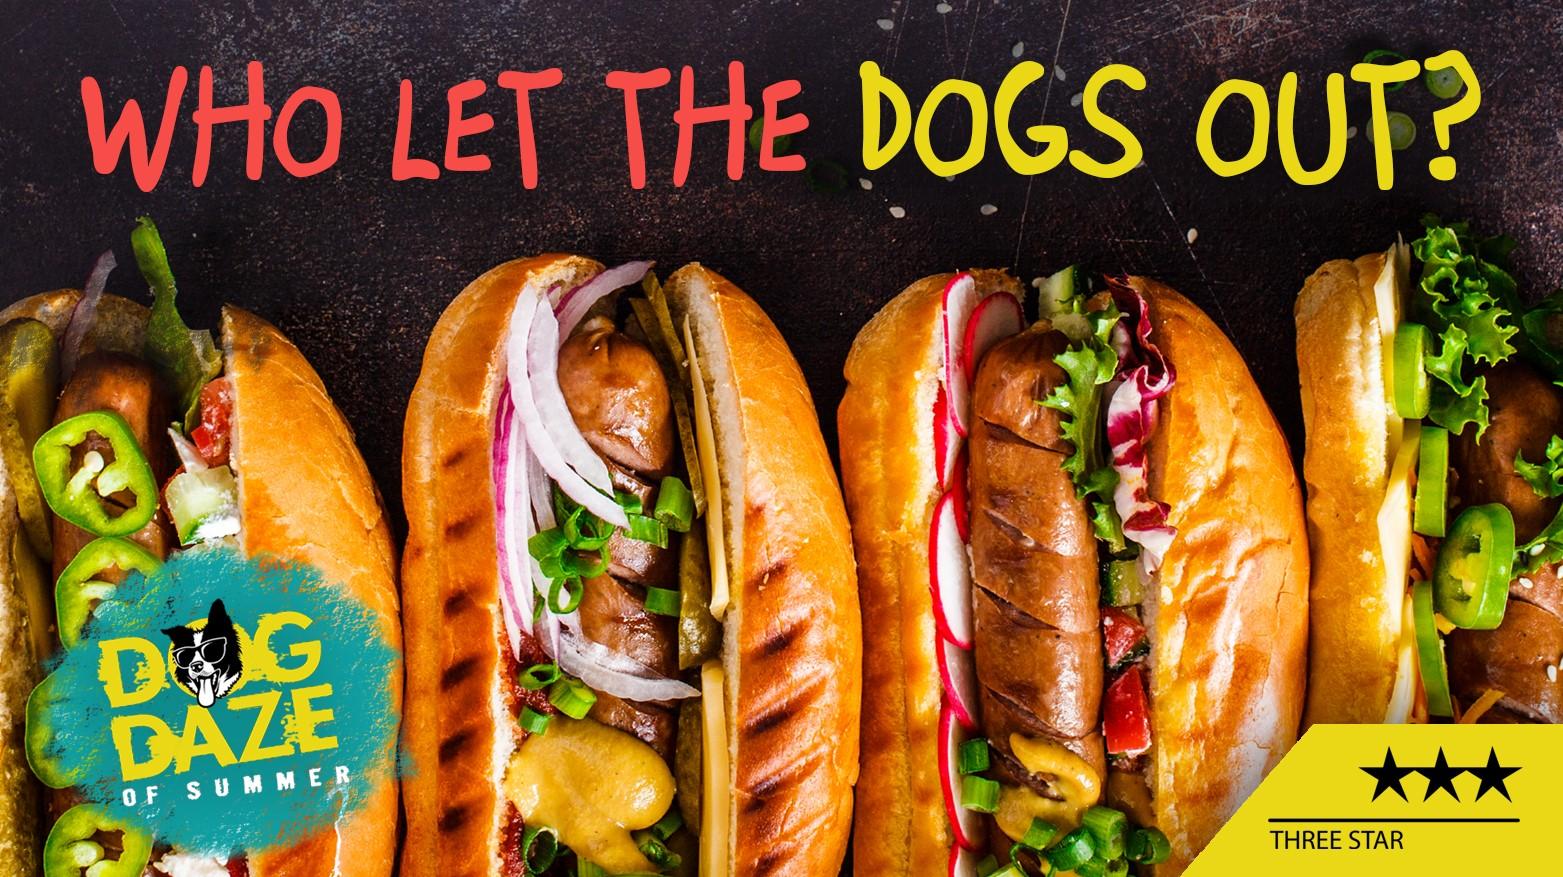 Dog Daze of Summer - Hot Dog Specials